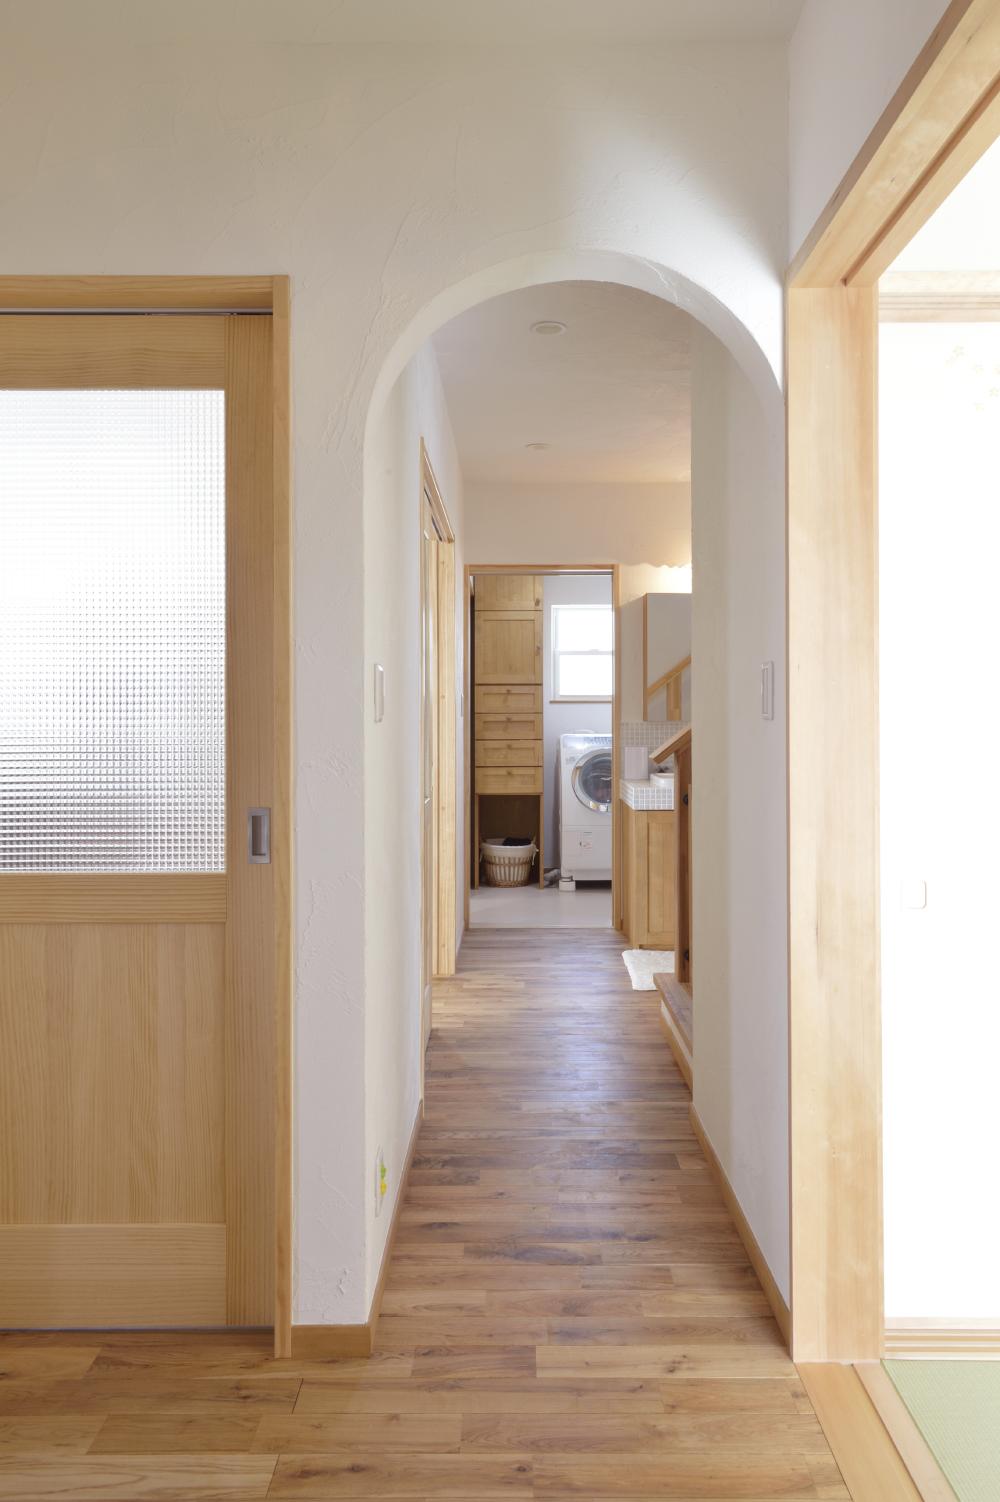 シンプルな家事動線の事例。ランドリーと収納も両立させて洗濯動線もスムーズ